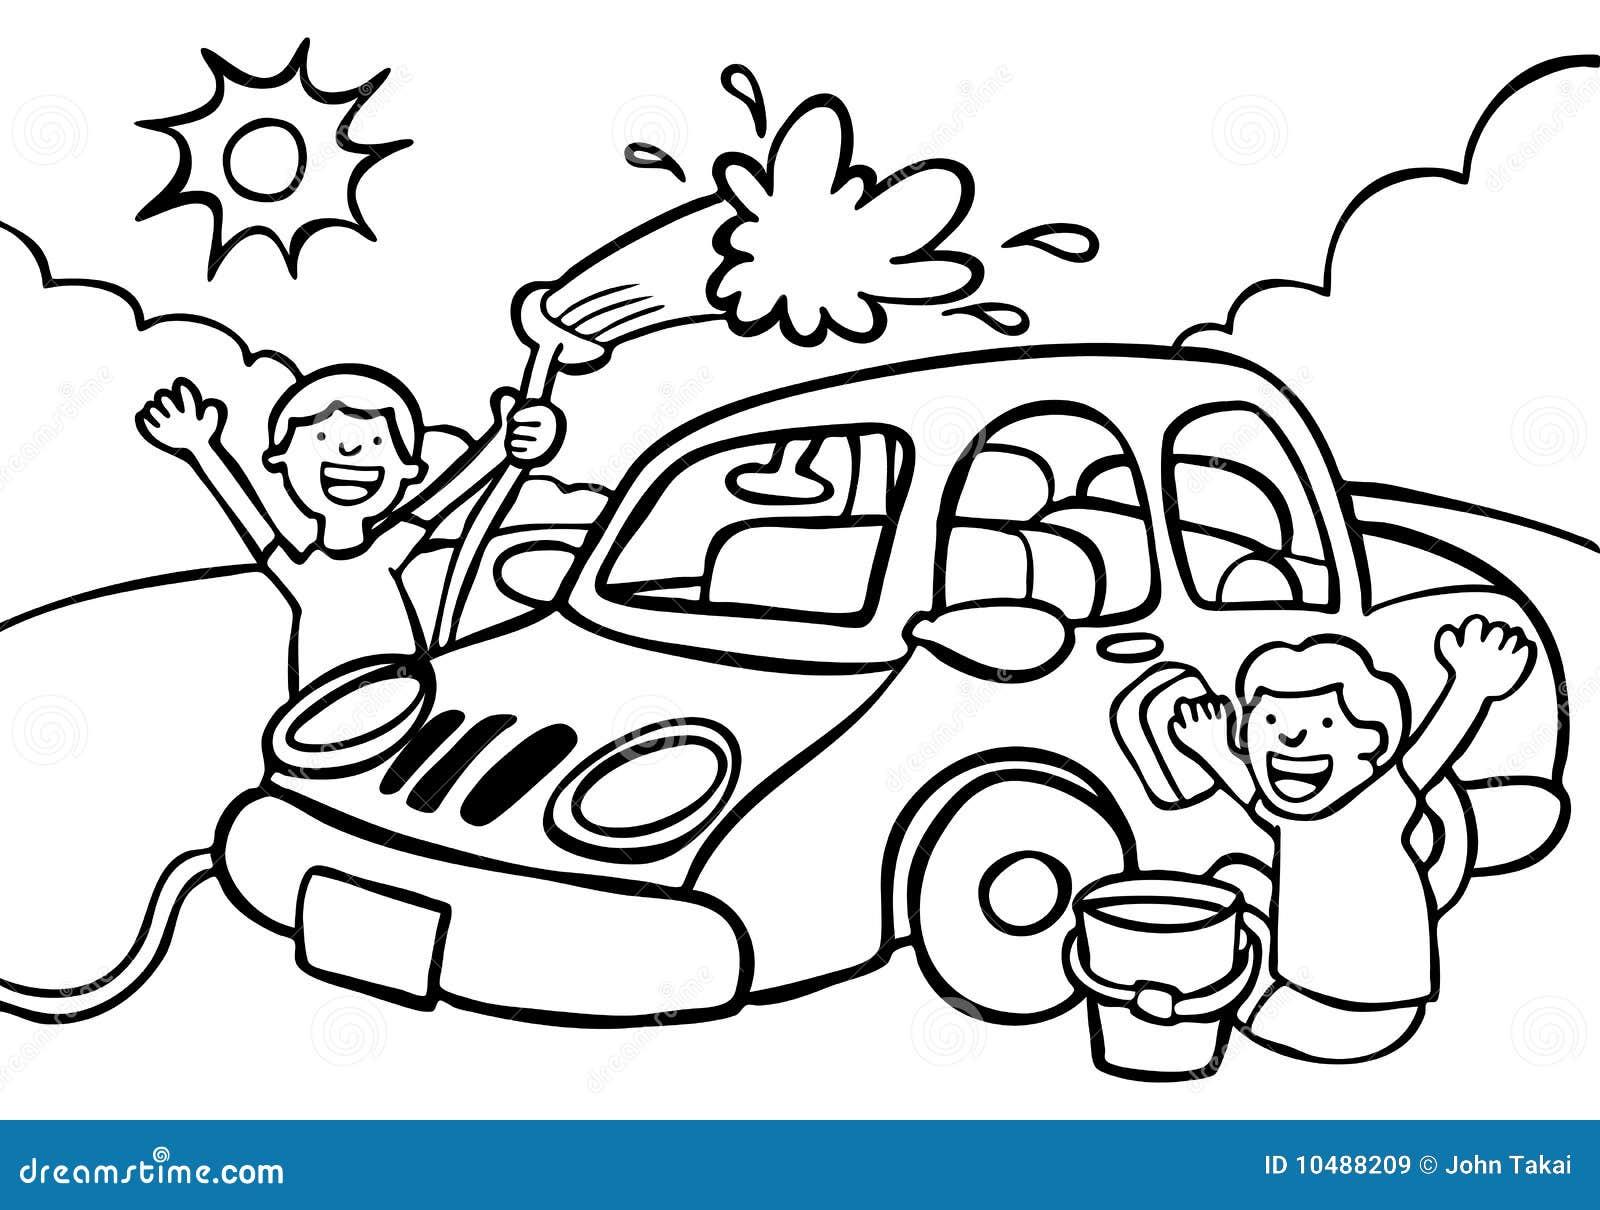 lavage de voiture images libres de droits image 10488209. Black Bedroom Furniture Sets. Home Design Ideas